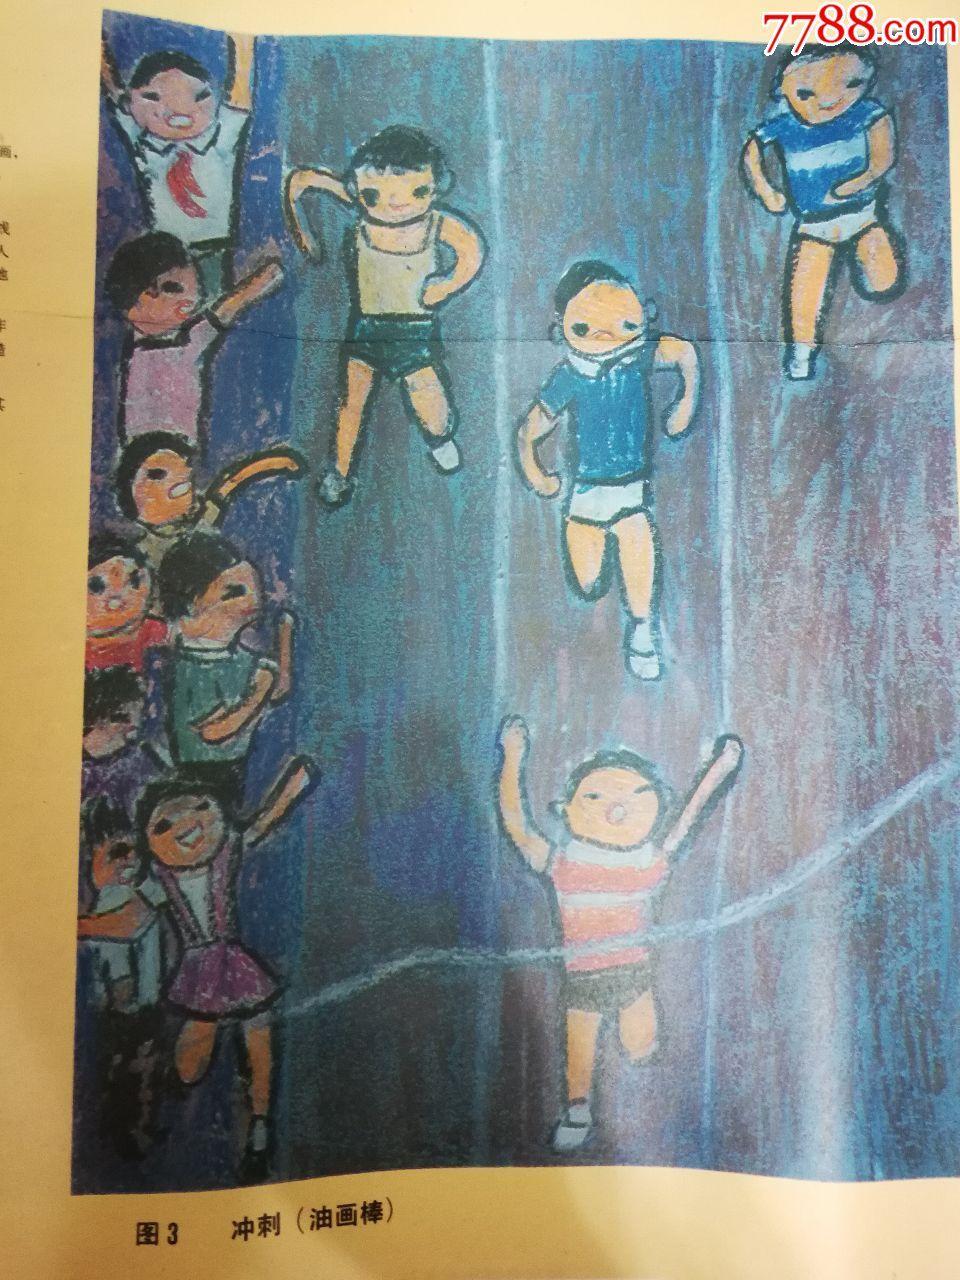 画片课本美术教学熔炉小学挂图铅笔画(图解以彩色放学图片